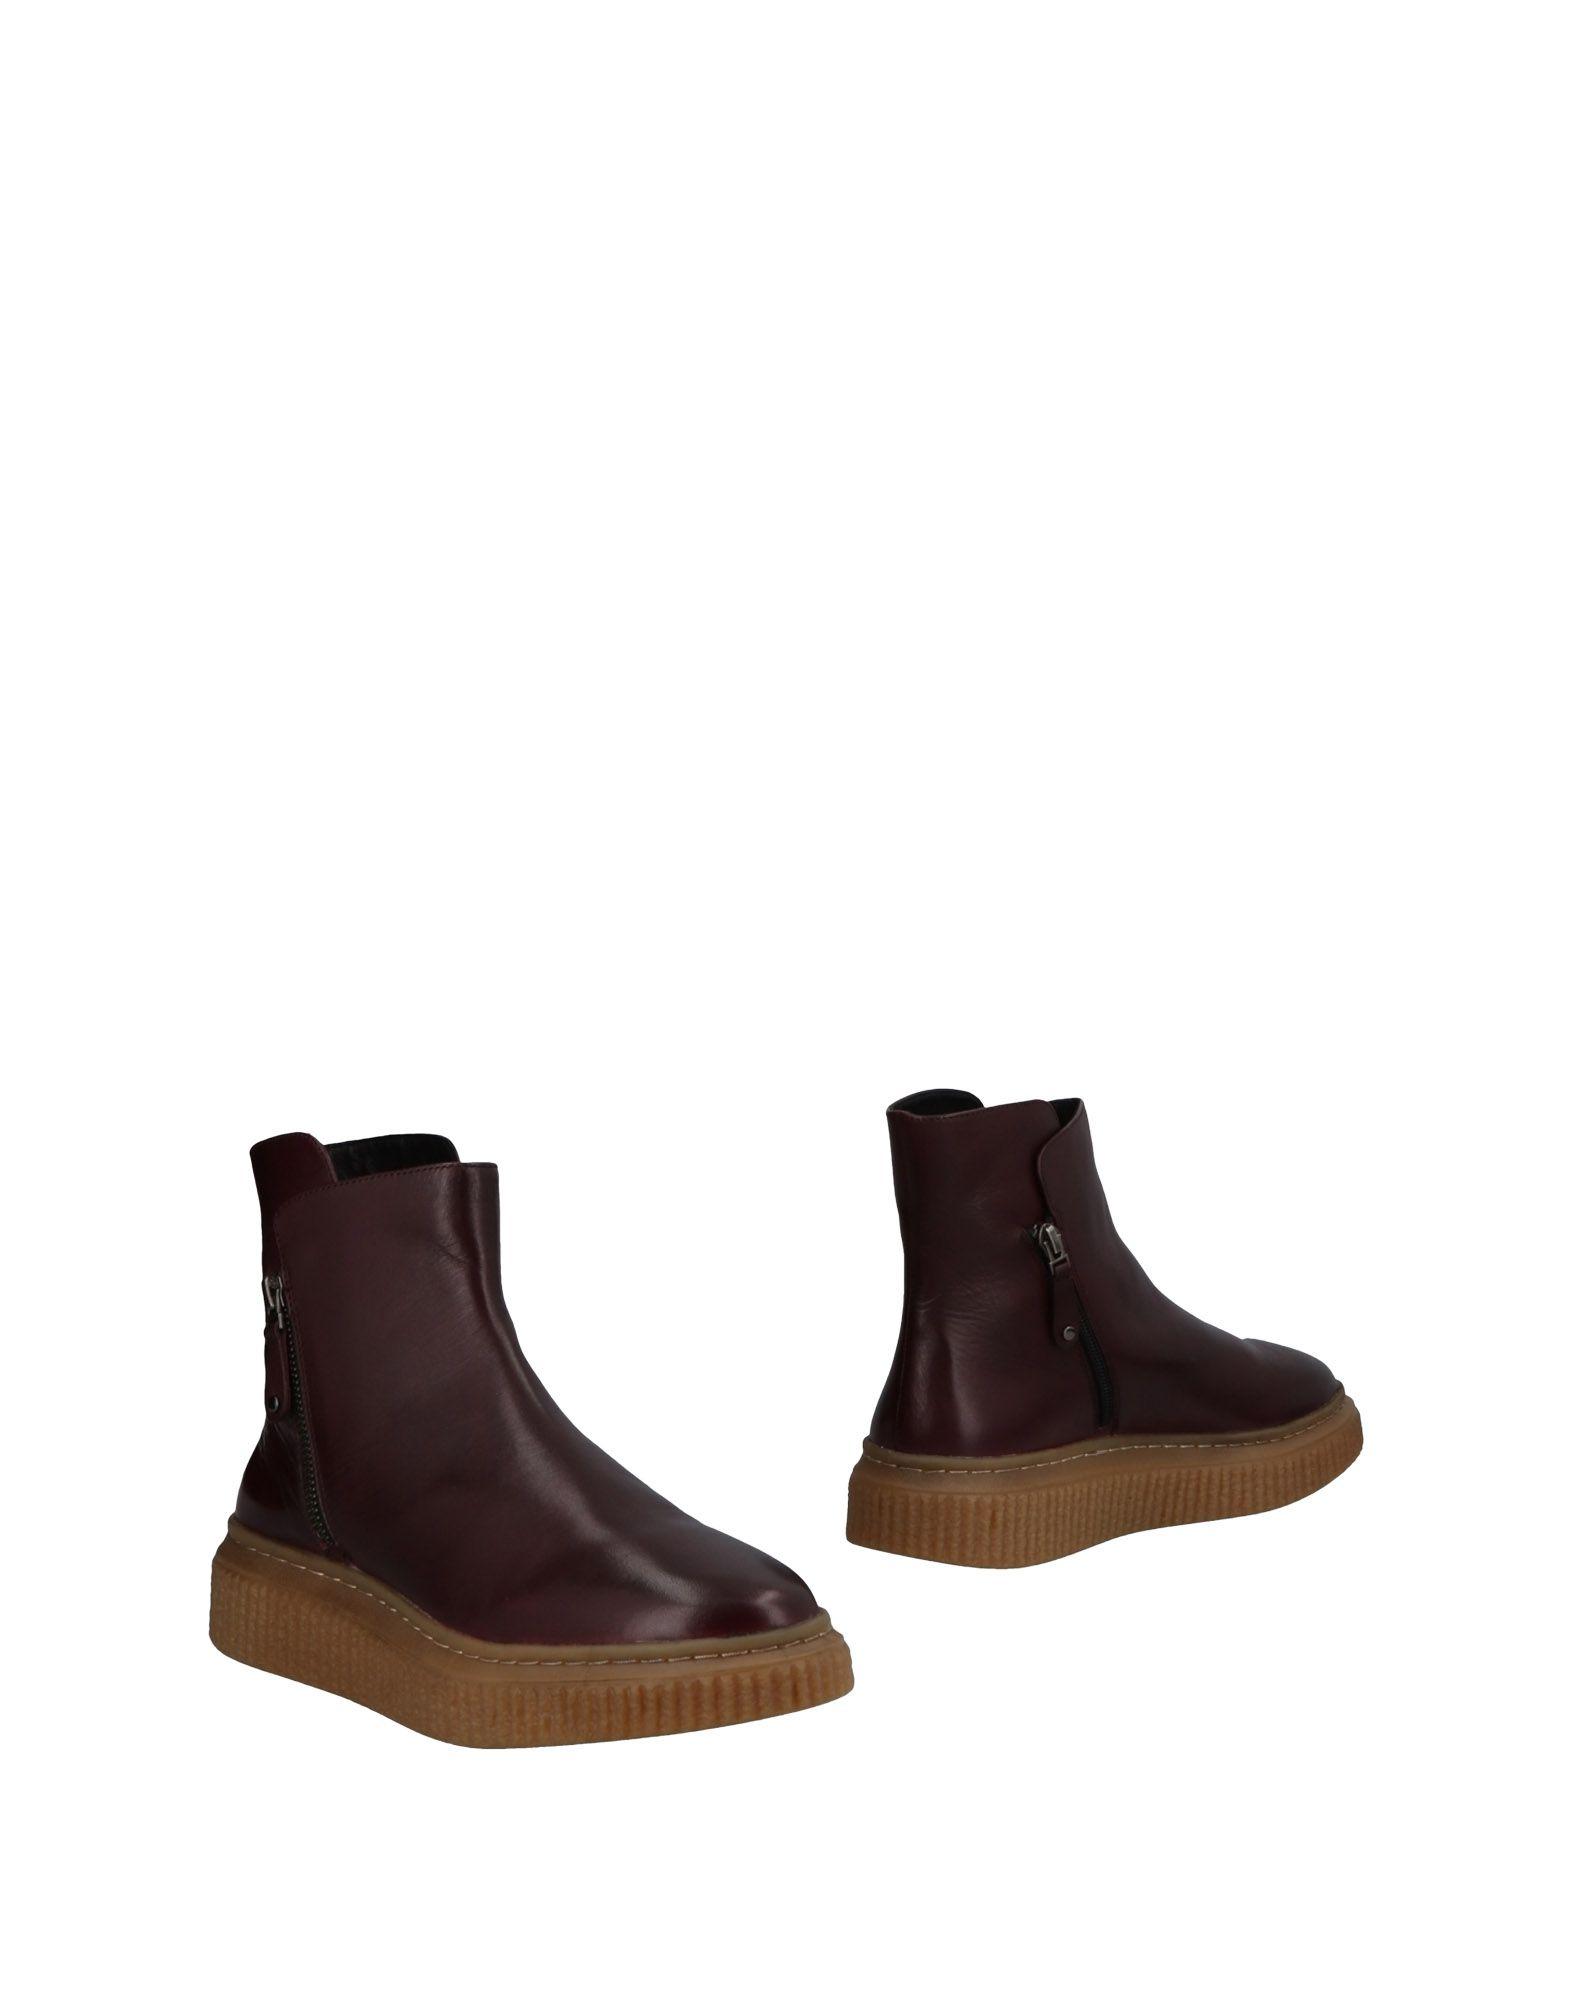 Elvio Zanon Stiefelette Damen beliebte  11494460TK Gute Qualität beliebte Damen Schuhe 653fc5